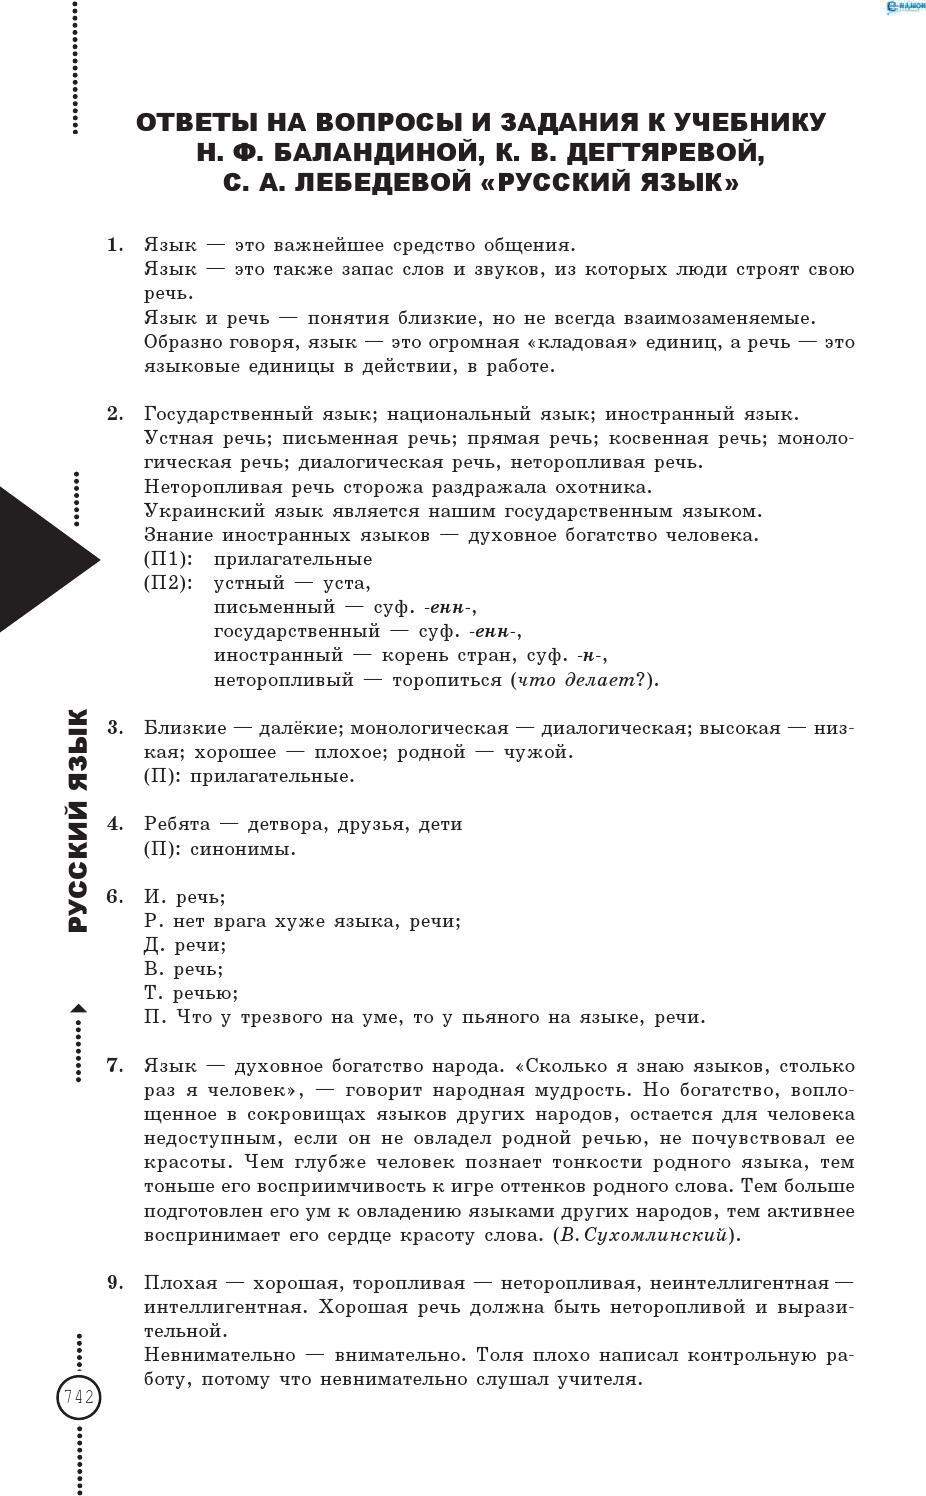 Решебник по русскому языку 6 го класса н ф баландина